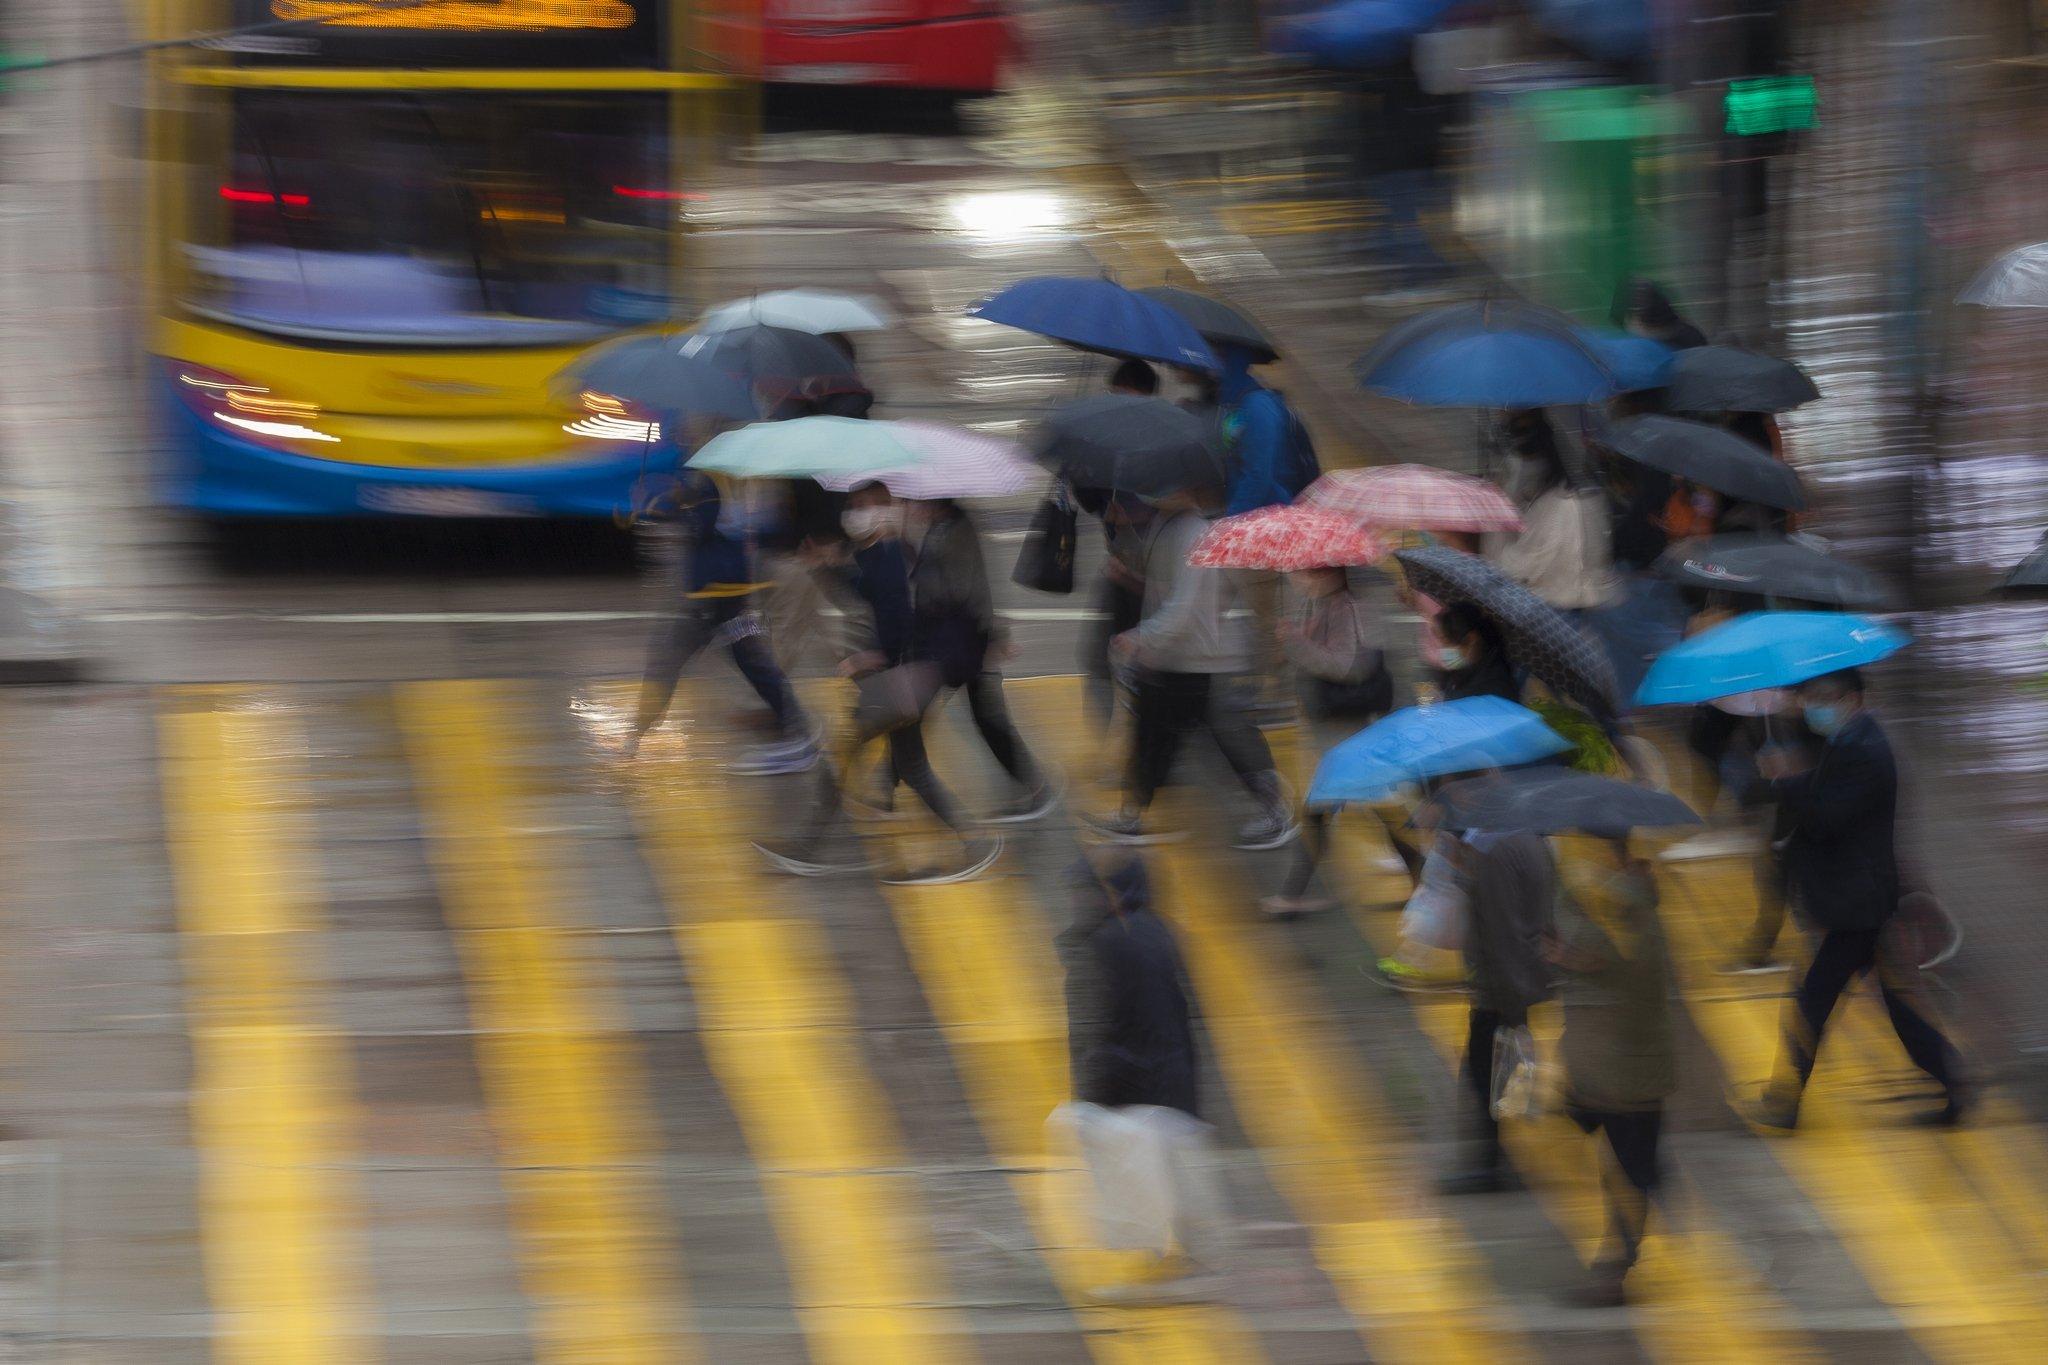 25. RainyDays